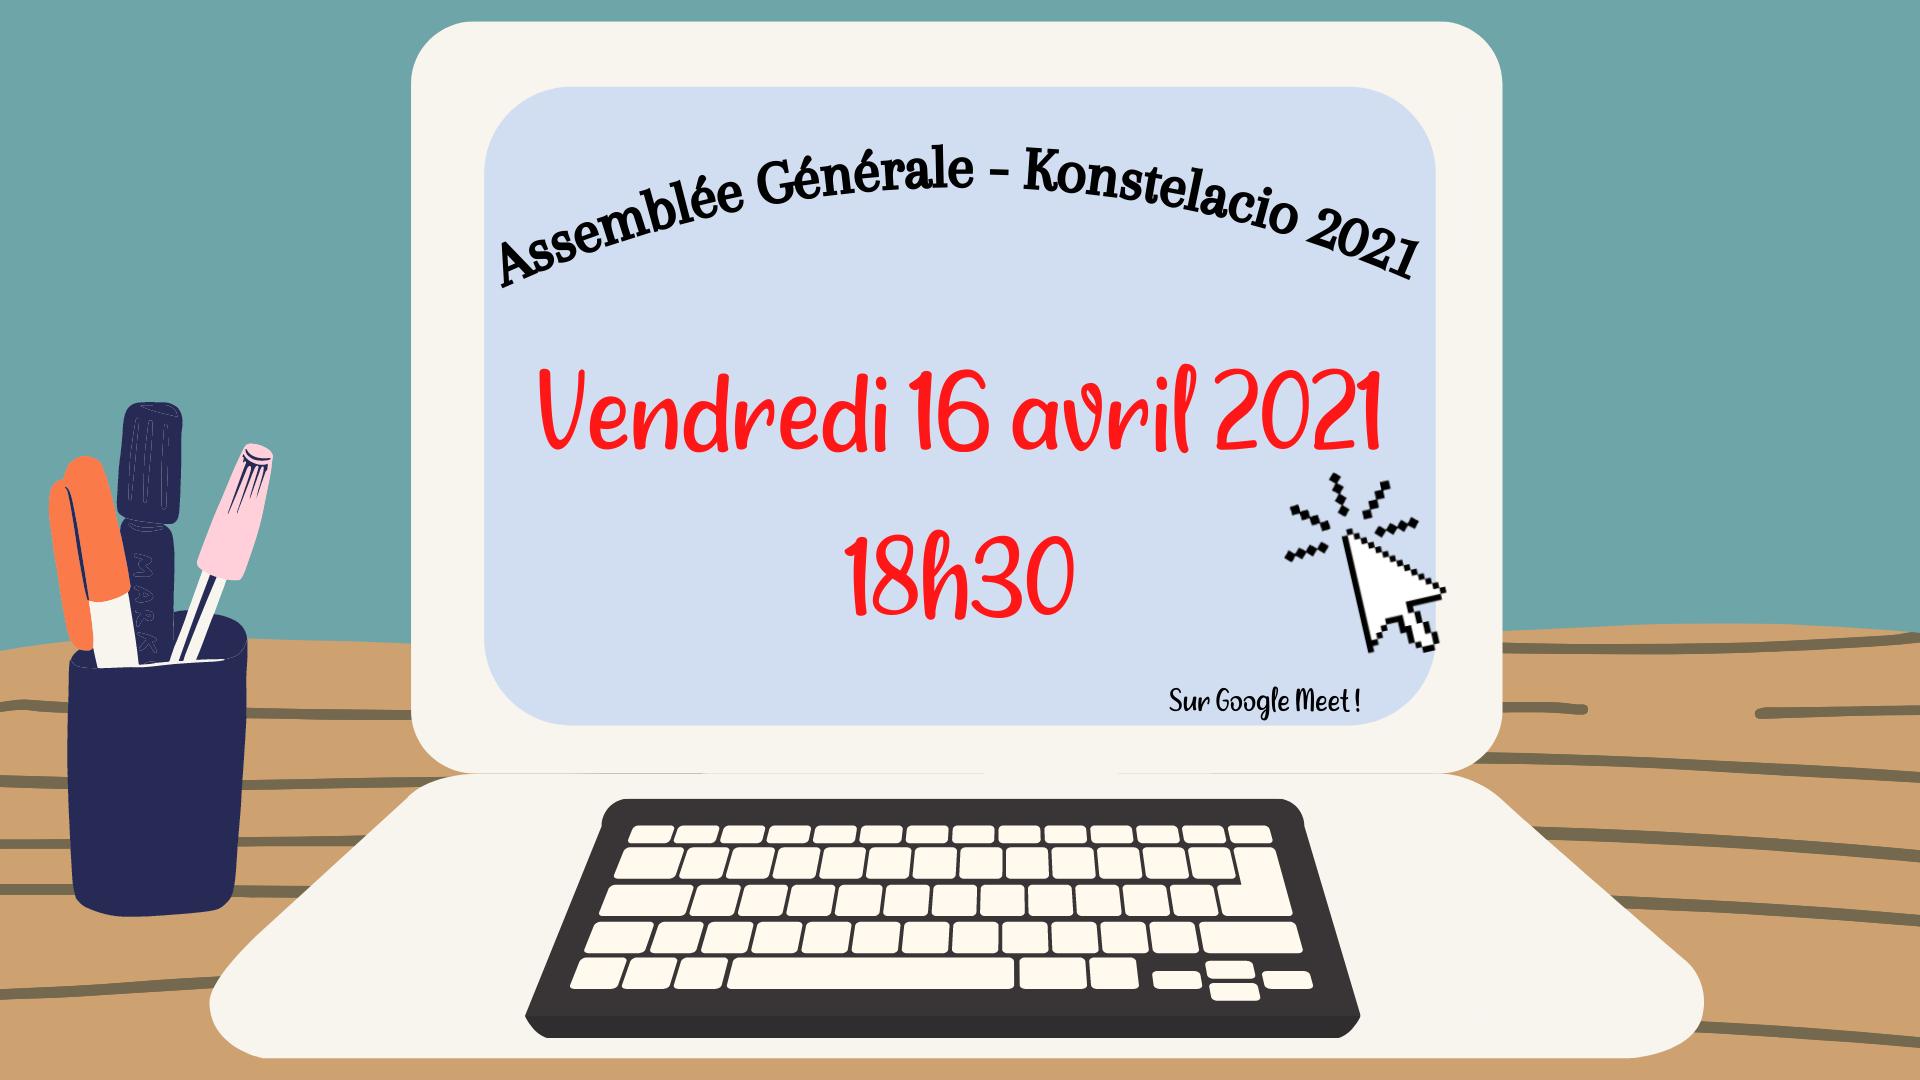 Assemblée Générale de Konstelacio 2021